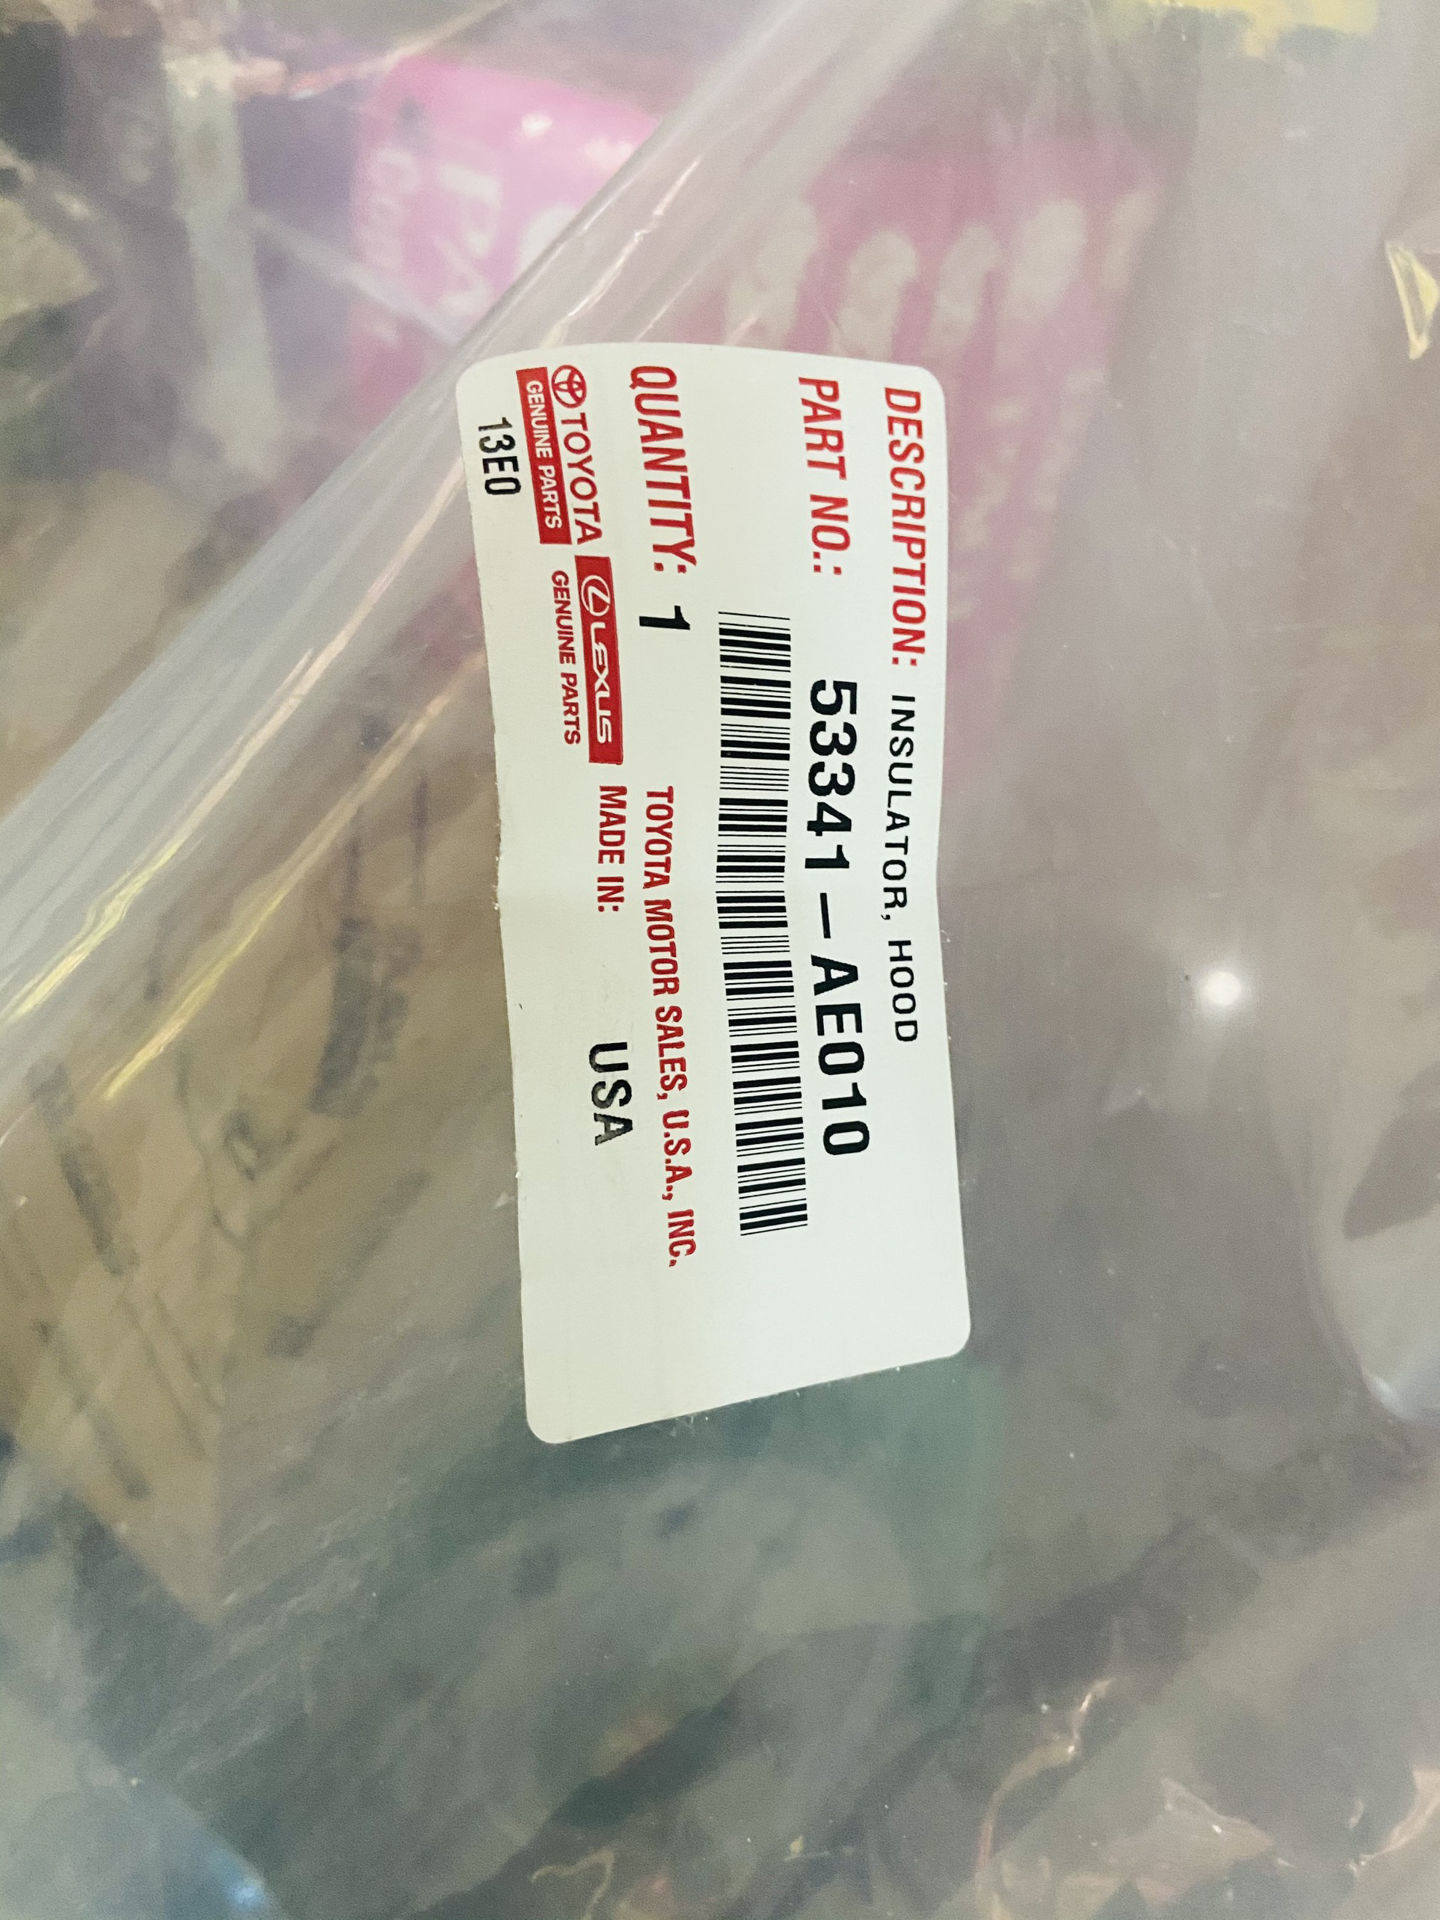 Picture of 53341-AE010, 53341AE010 Tấm chống nóng capo Toyota Sienna 2003-2009 chính hãng